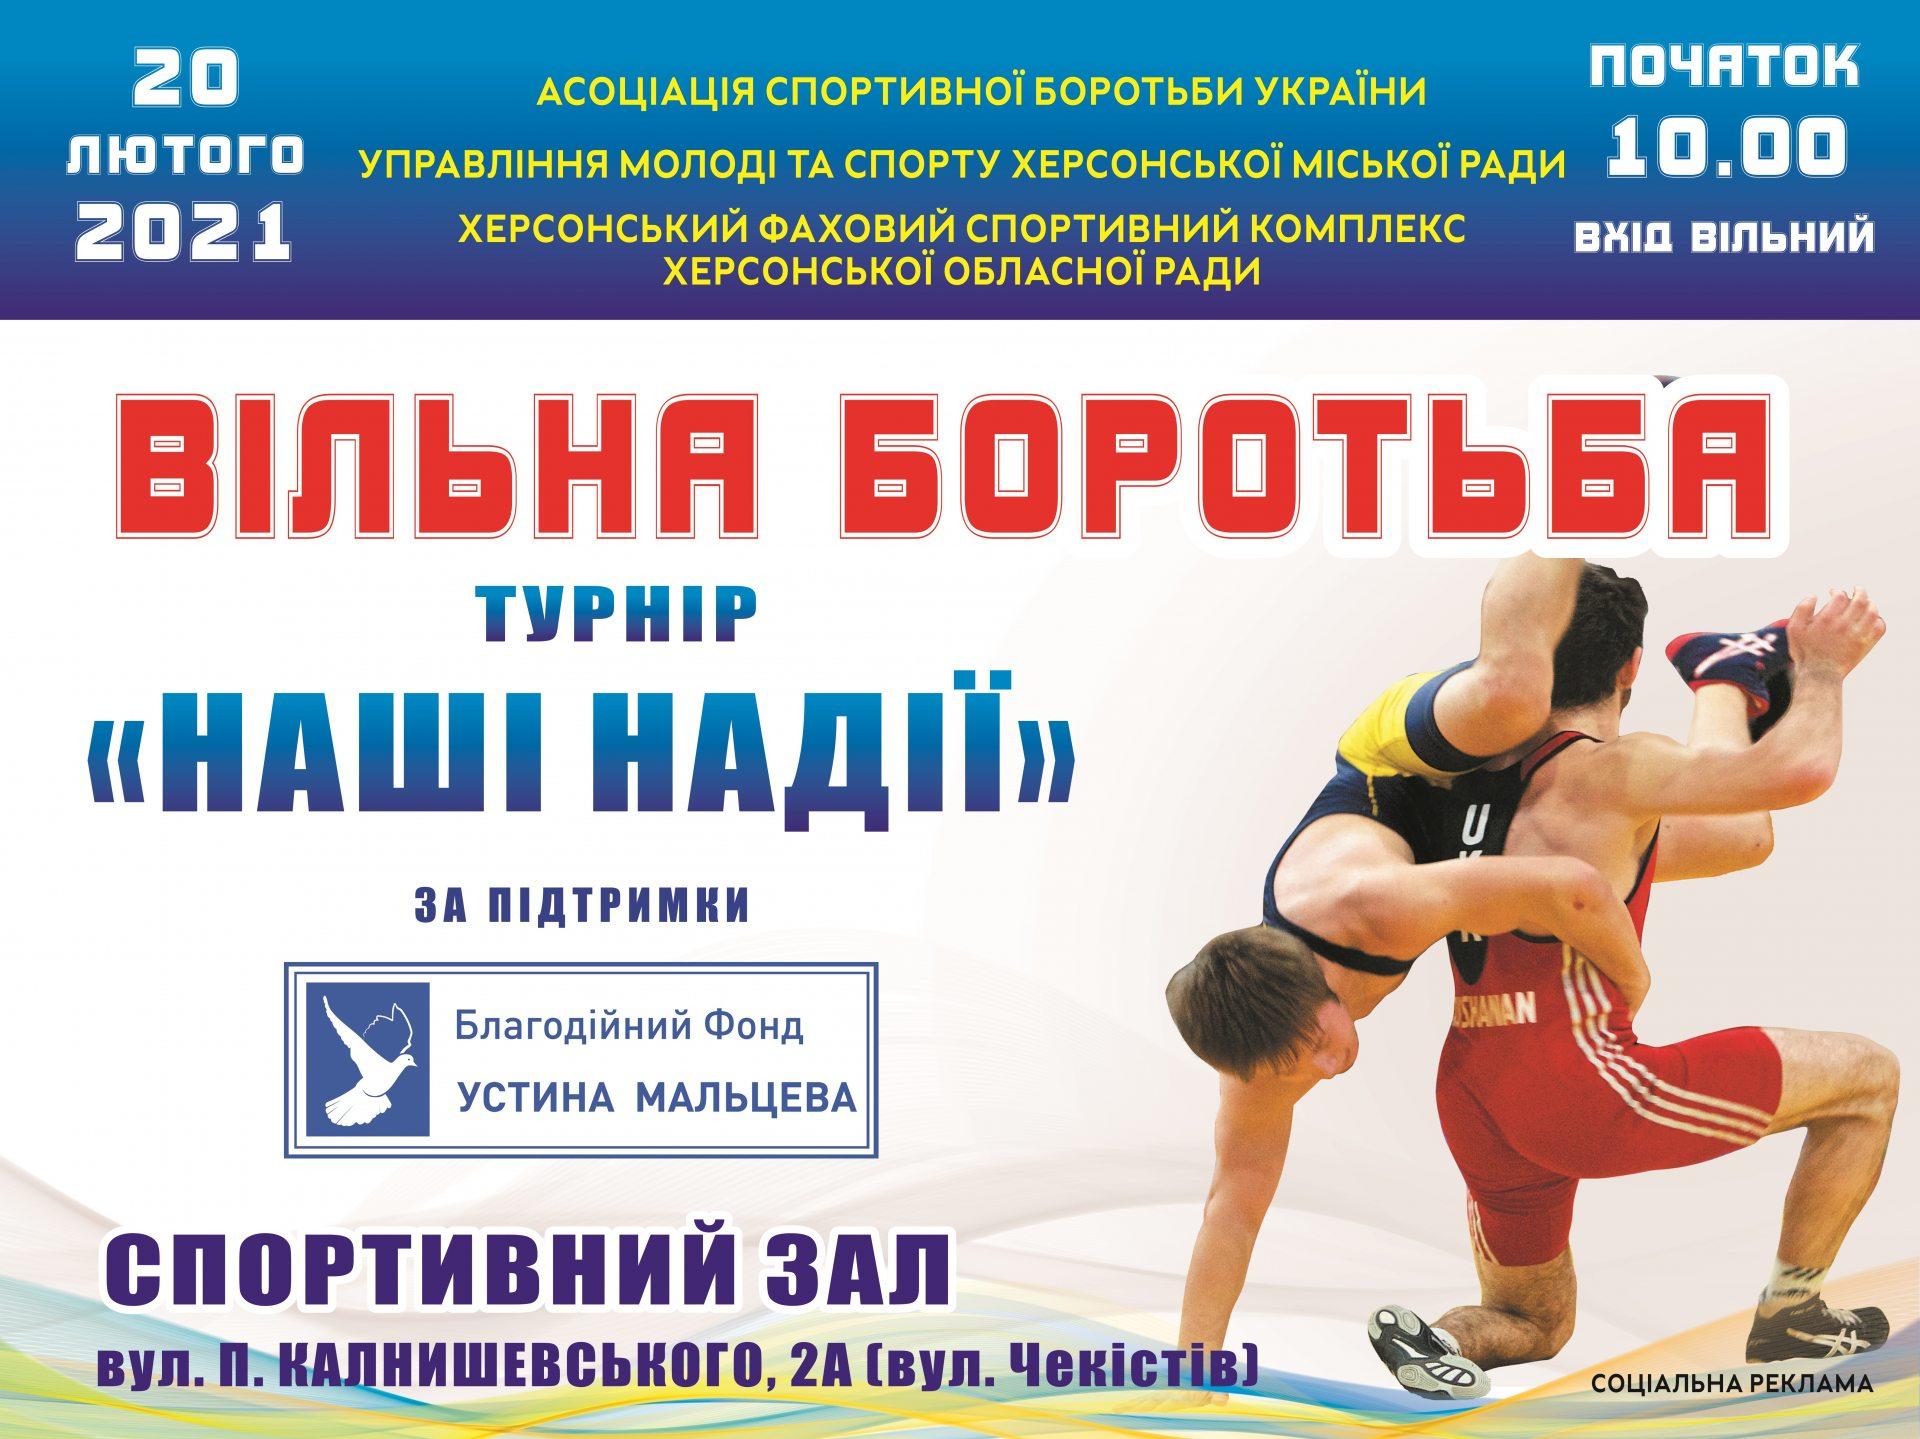 Международный турнир по вольной борьбе состоится в Херсоне